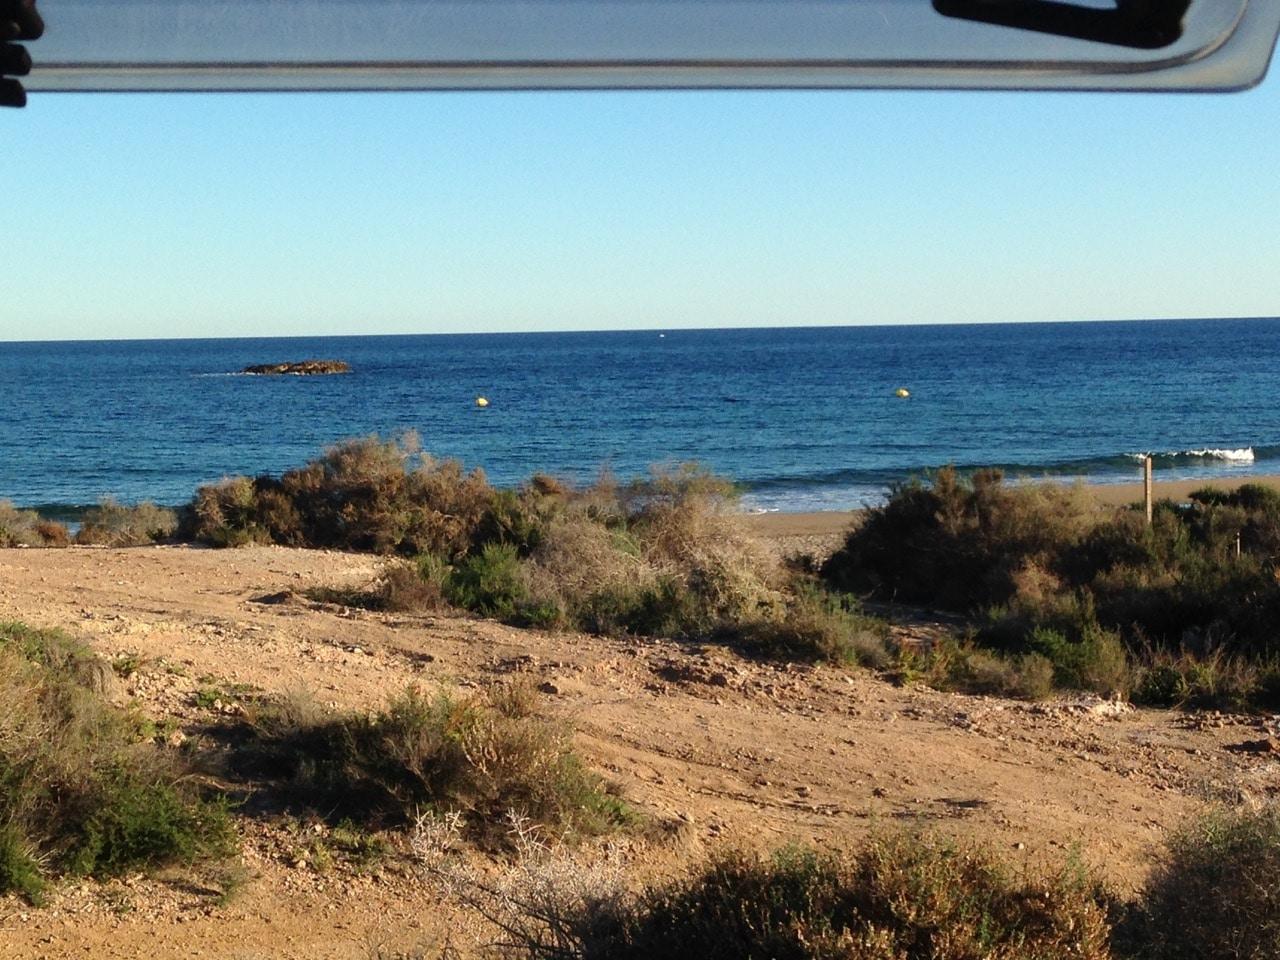 Blick aus einem Wohnwagenfenster hinaus auf das Meer